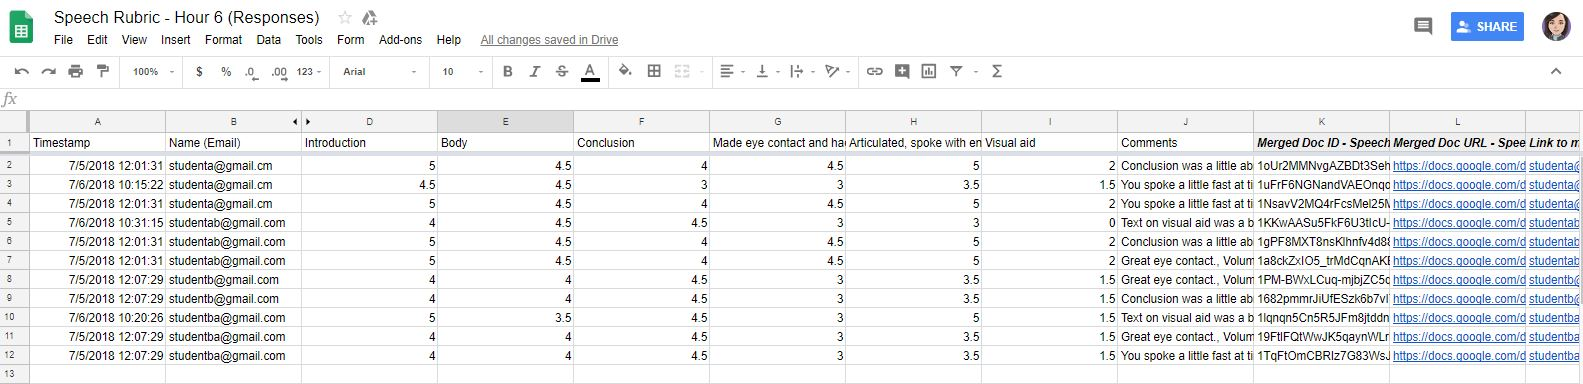 Google Sheet final.JPG